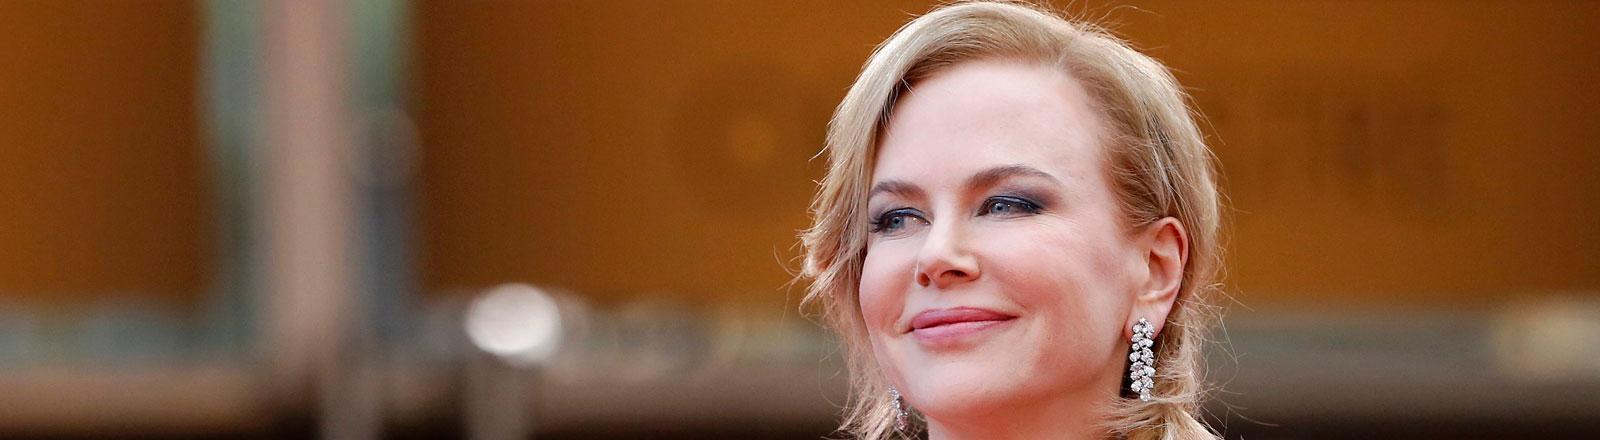 Nicole Kidman in Cannes